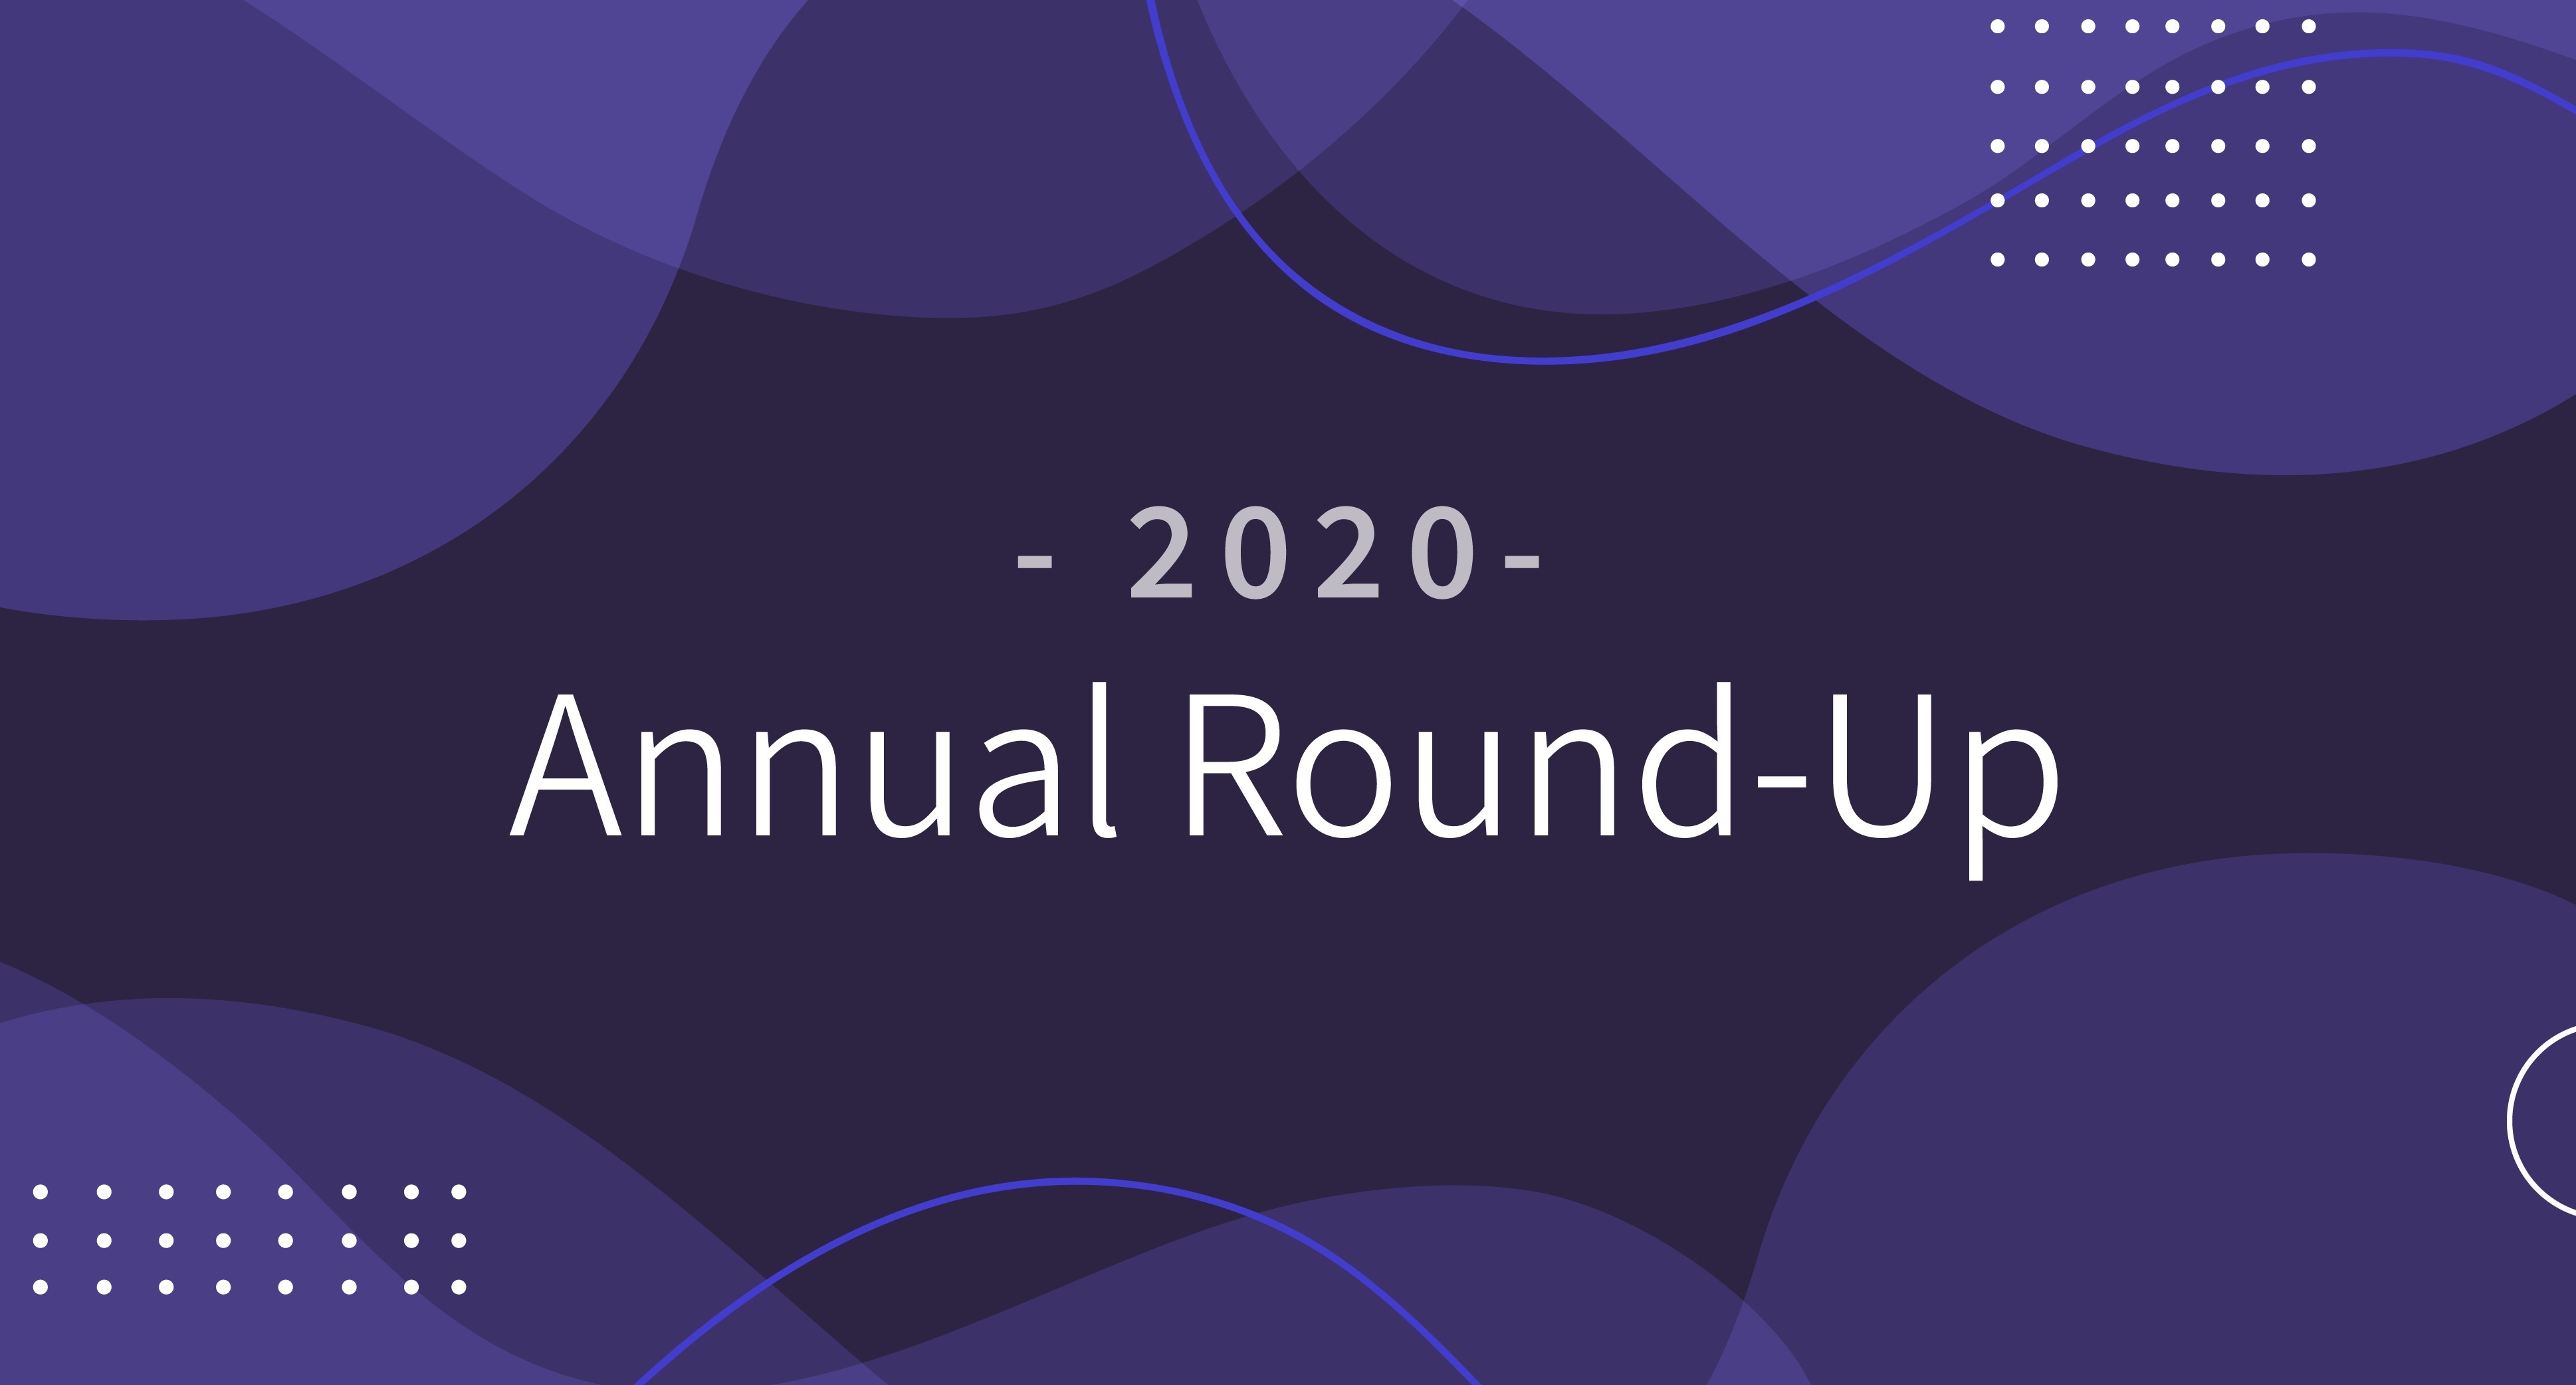 Annual-Round-Up_Blog-01.jpg#asset:13615